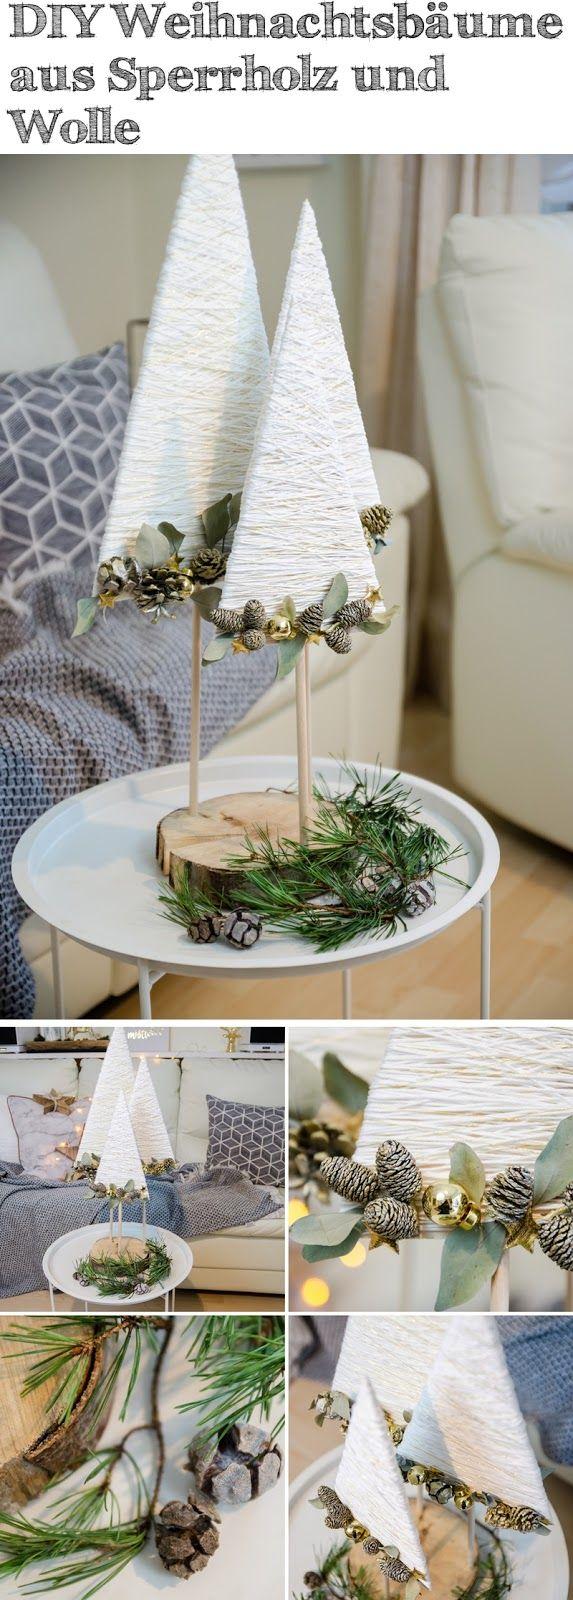 DIY Weihnachtsbäume aus Sperrholz, Wolle und Golddraht #gardencraft